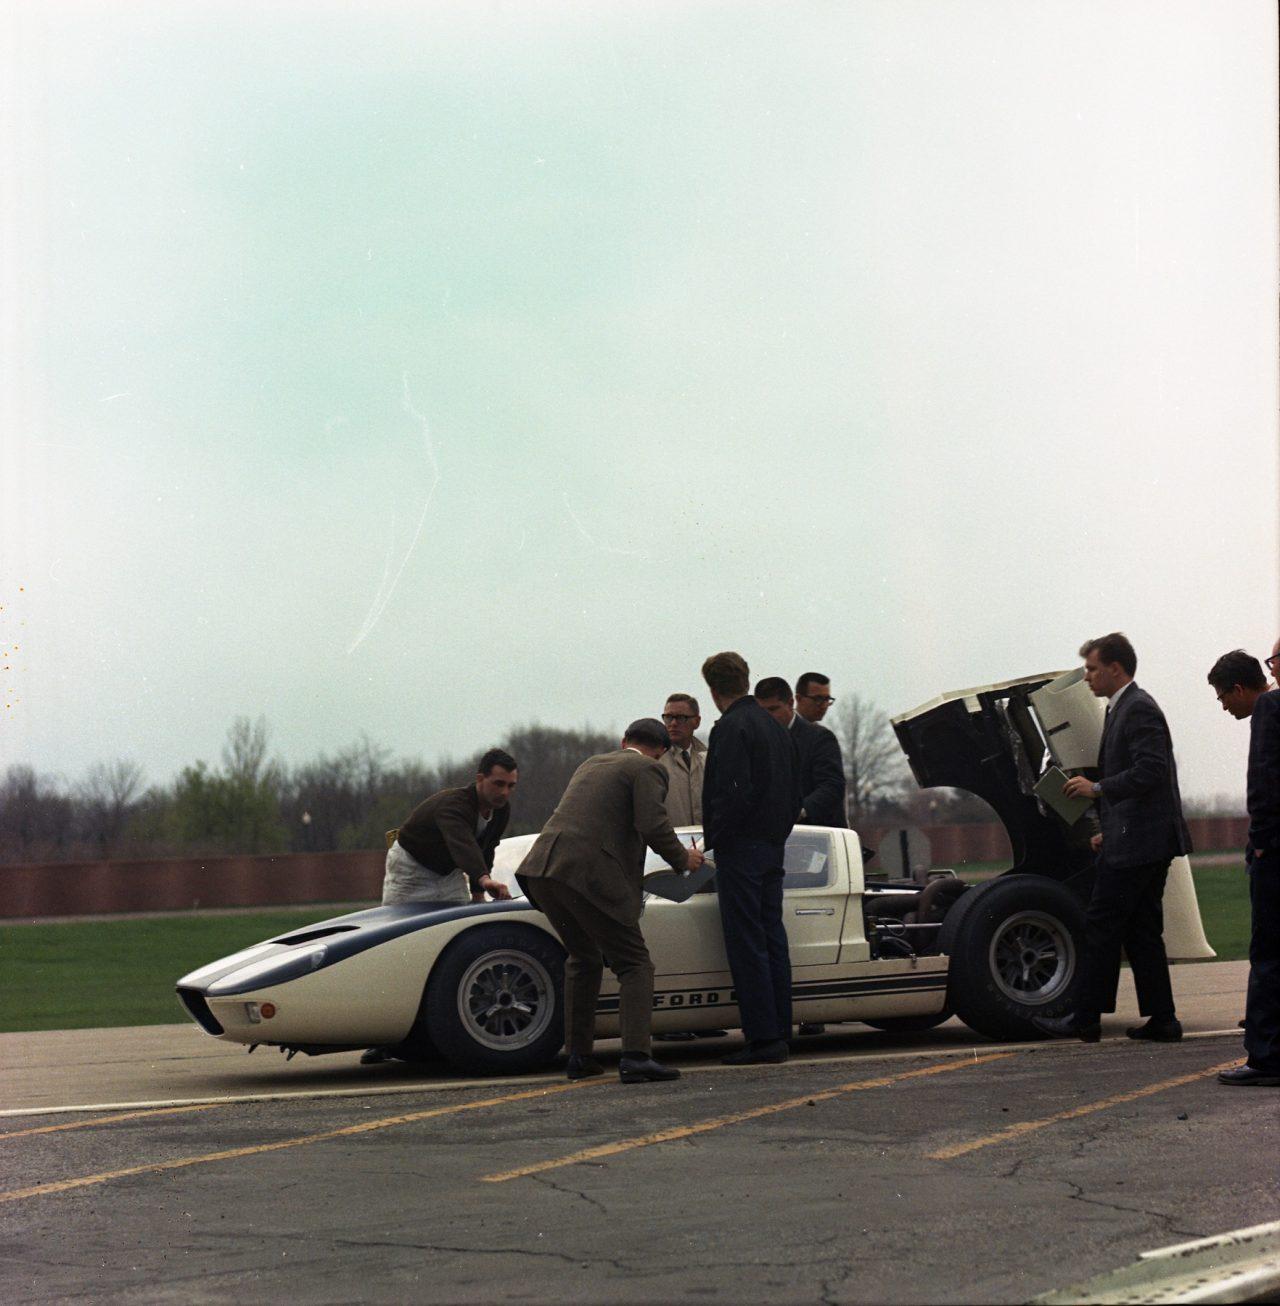 フォードの広報写真として残る1965年テストシーン